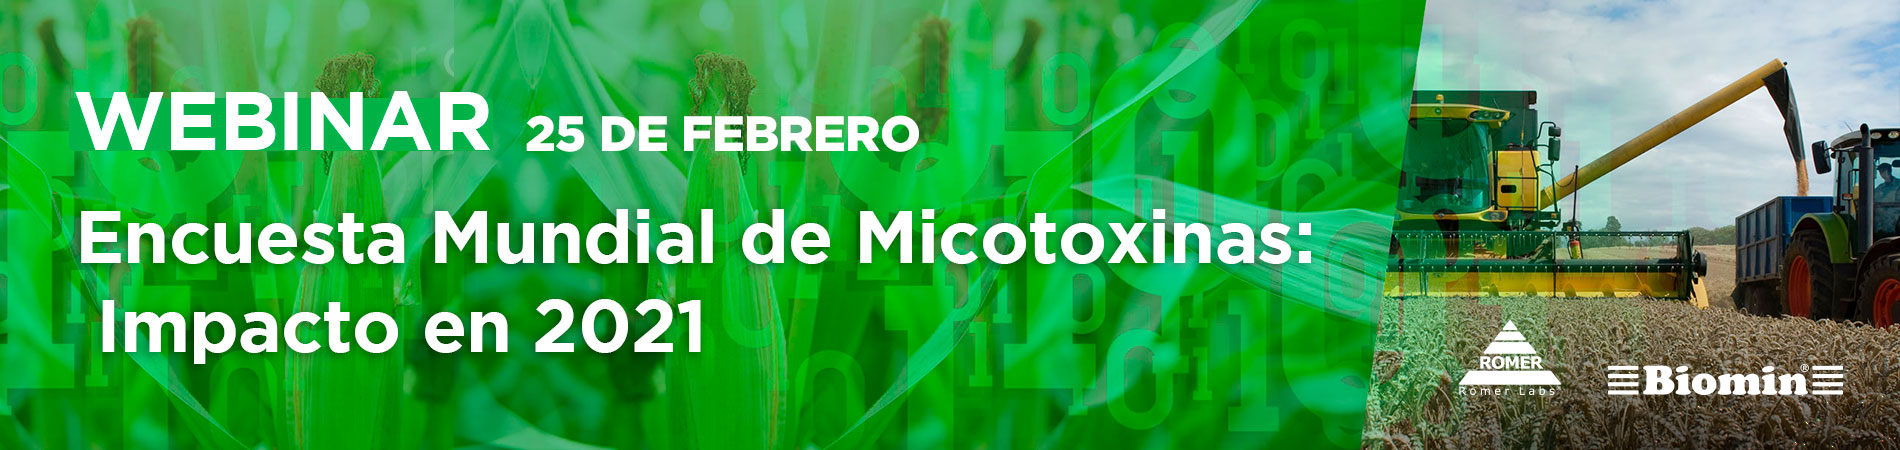 biomin_13877_Webinar-Micotoxinas---Áustria_capa-LP_esp_v01-1